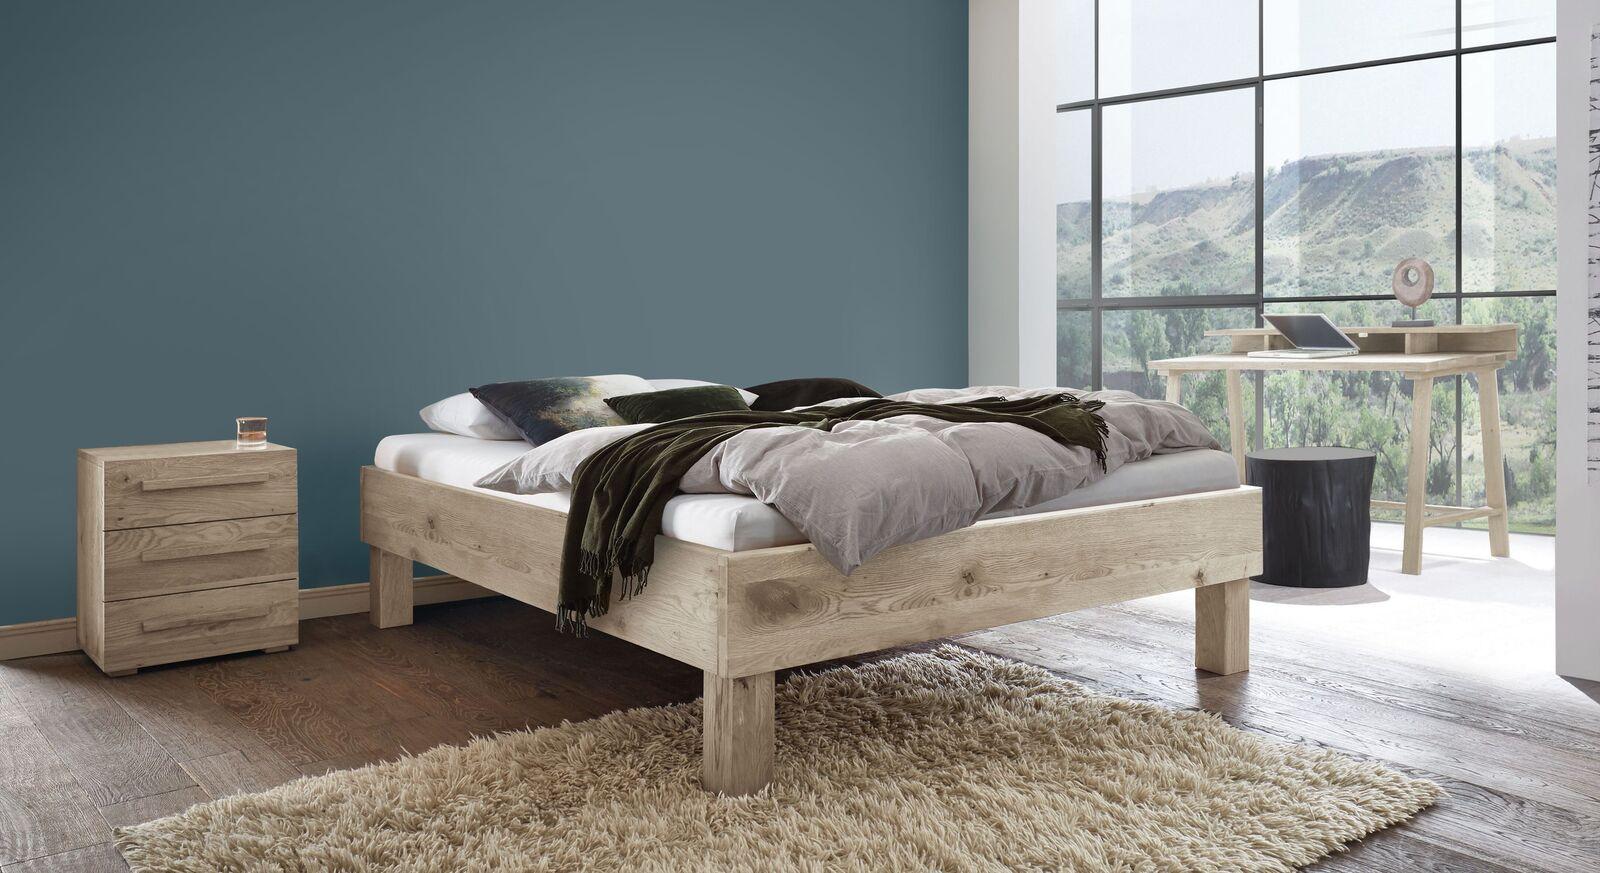 Passende Schlafzimmermöbel zur Liege Urmas